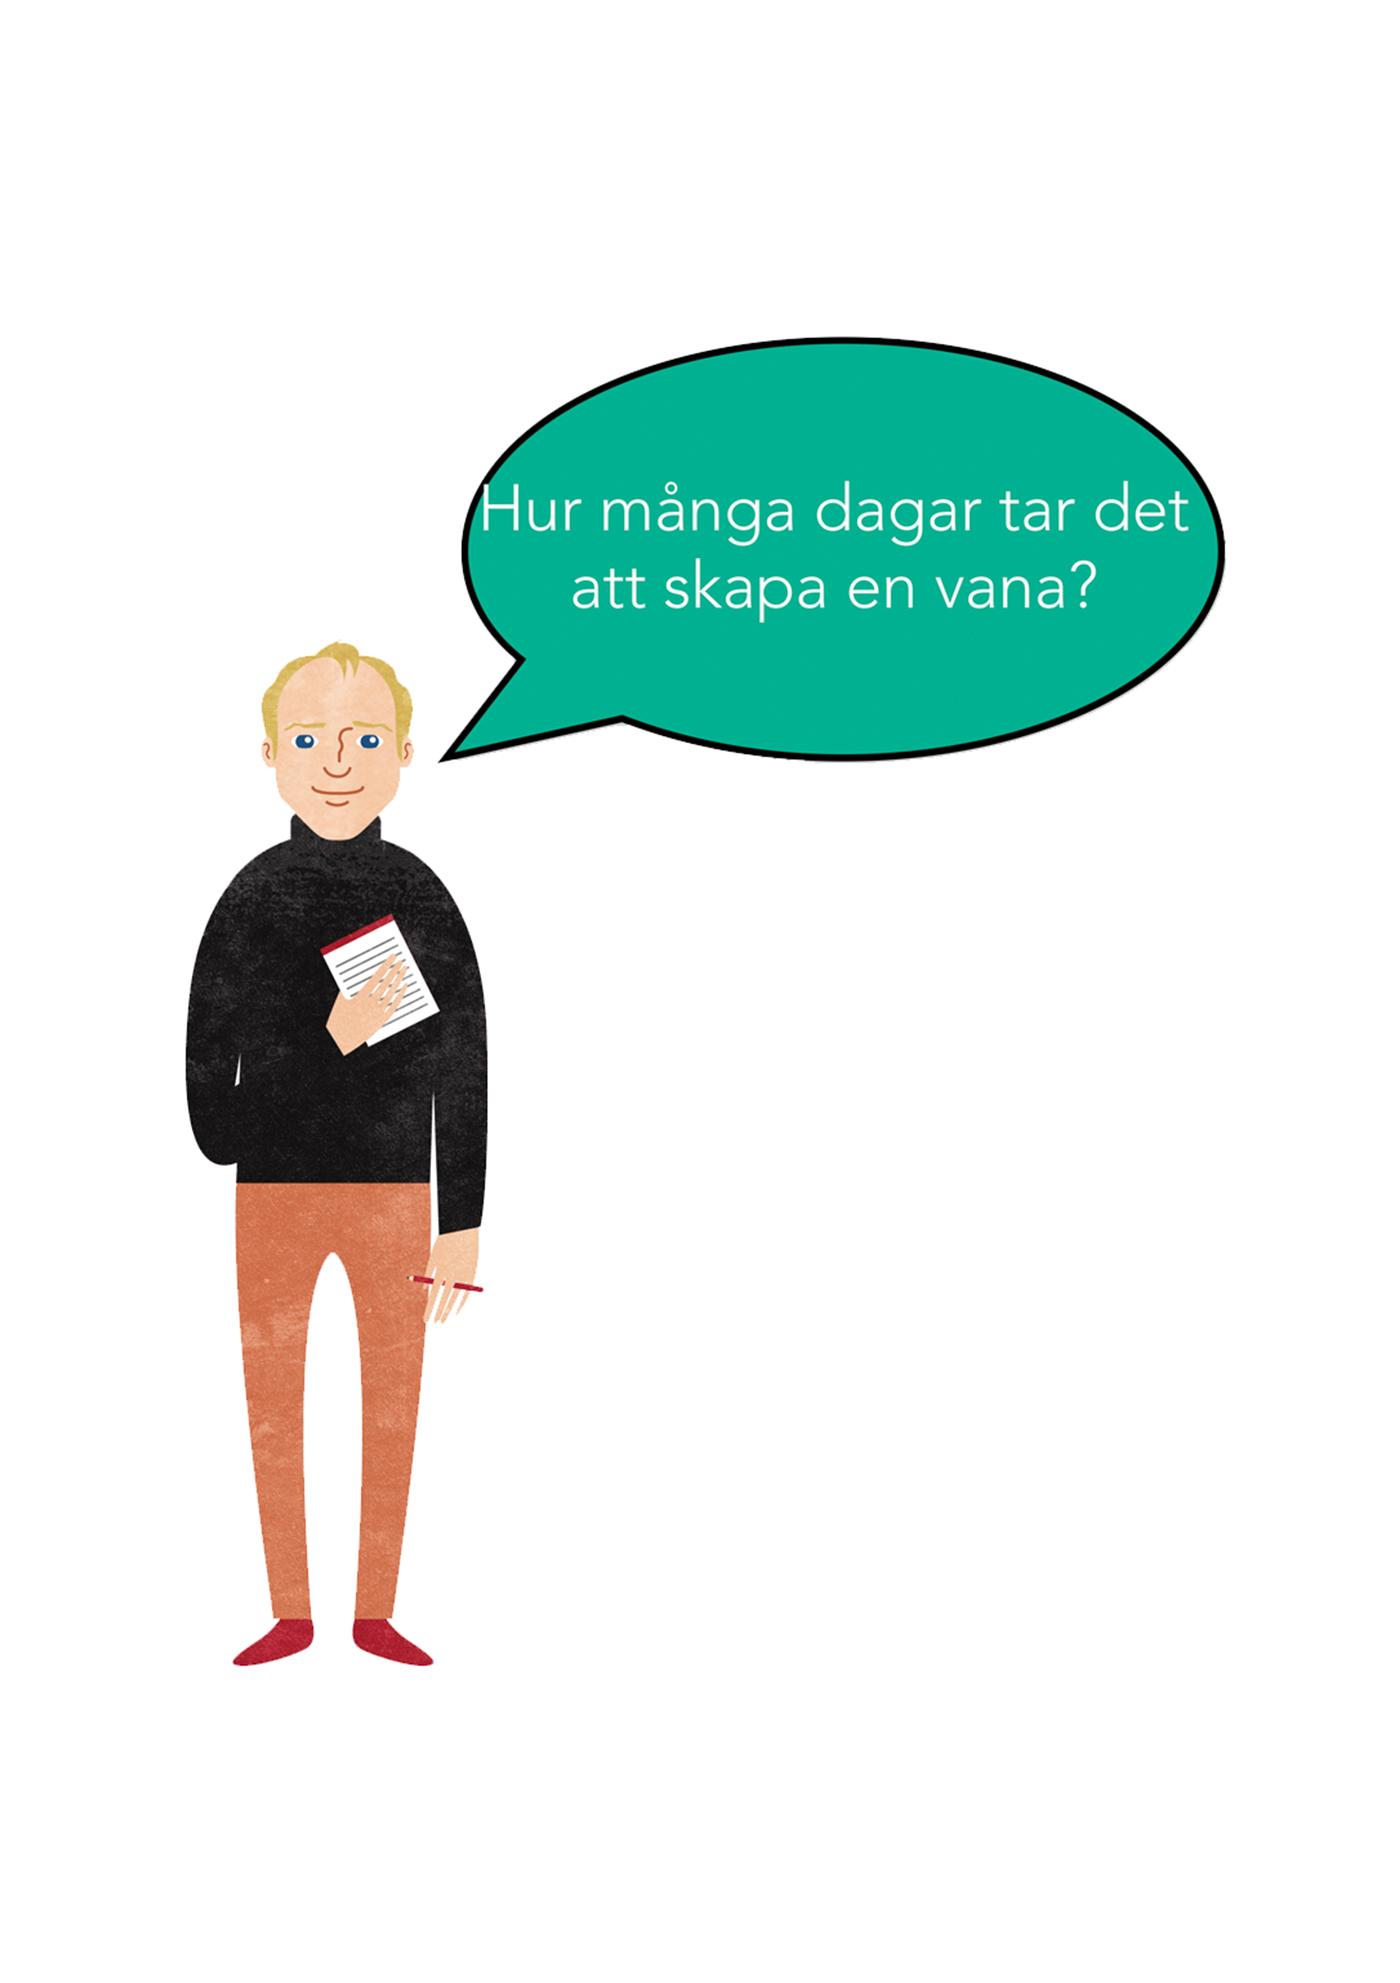 workz-seminarier-utveckling-medarbetare-psykologfabriken-151206